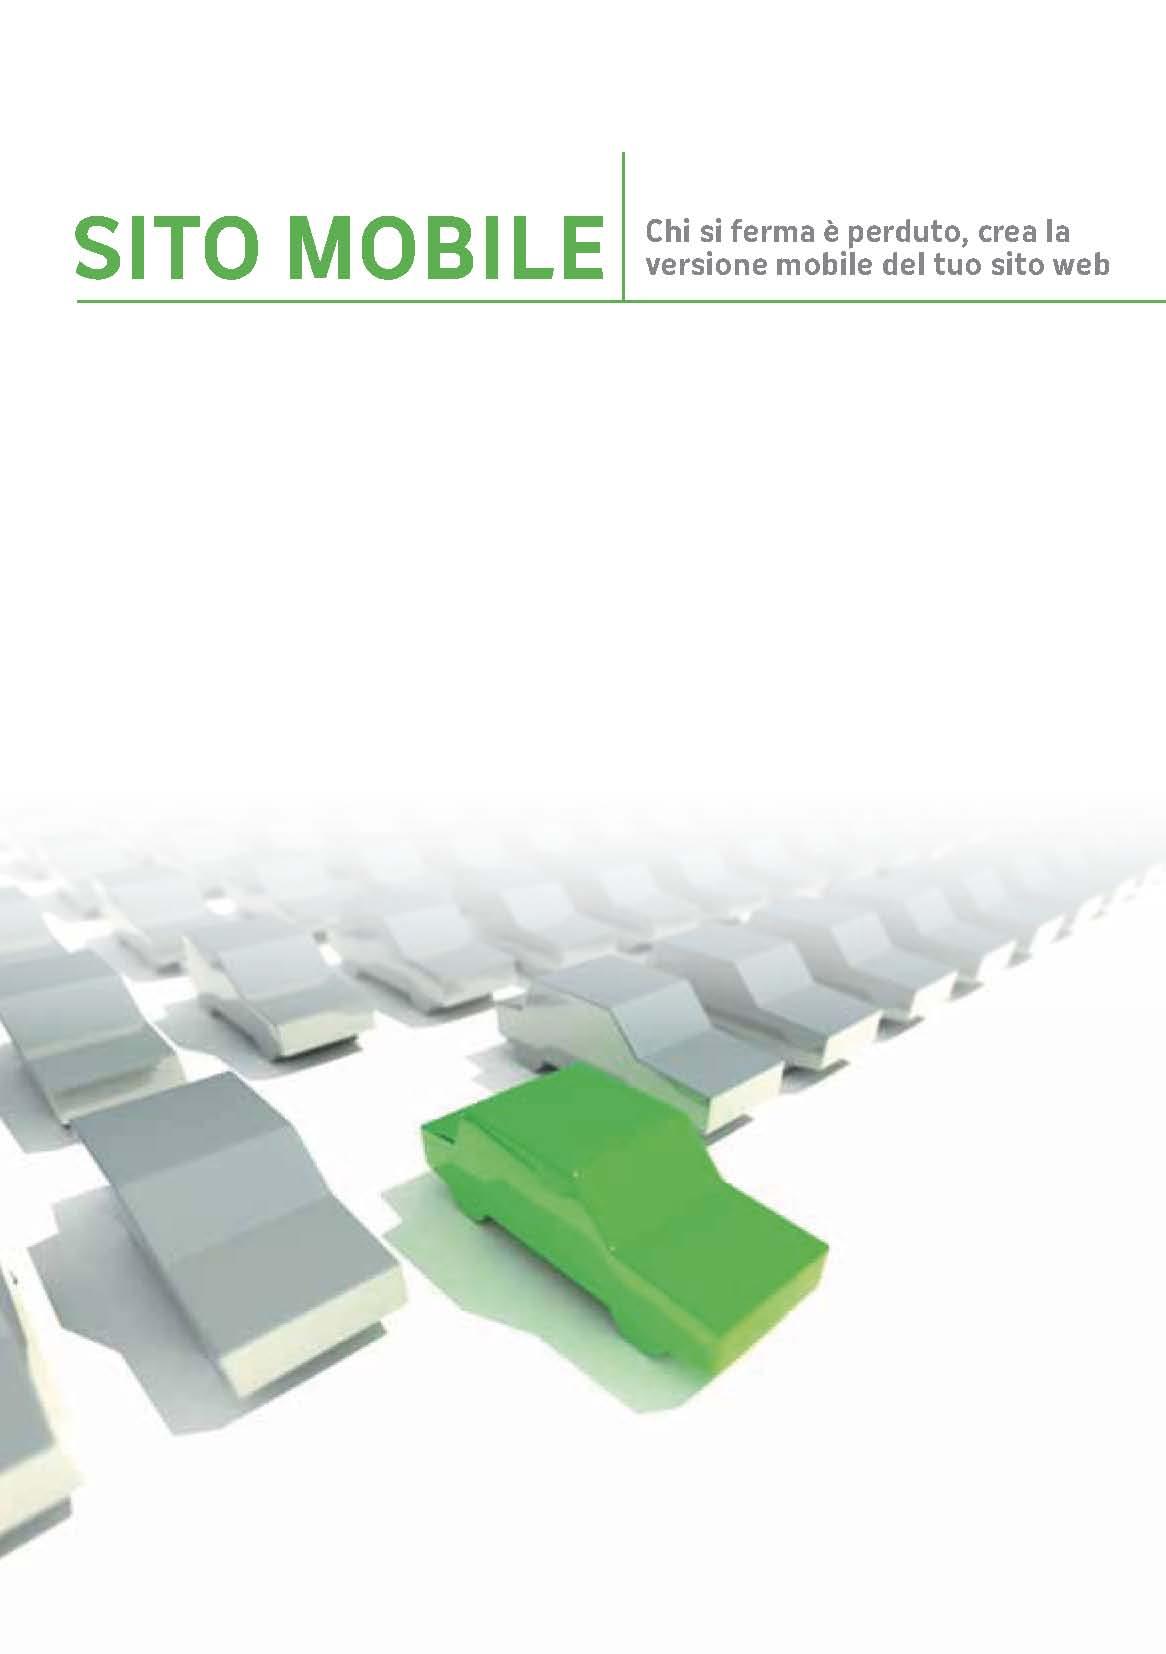 Sito mobile una necessit che diventa virt for Sito mobili